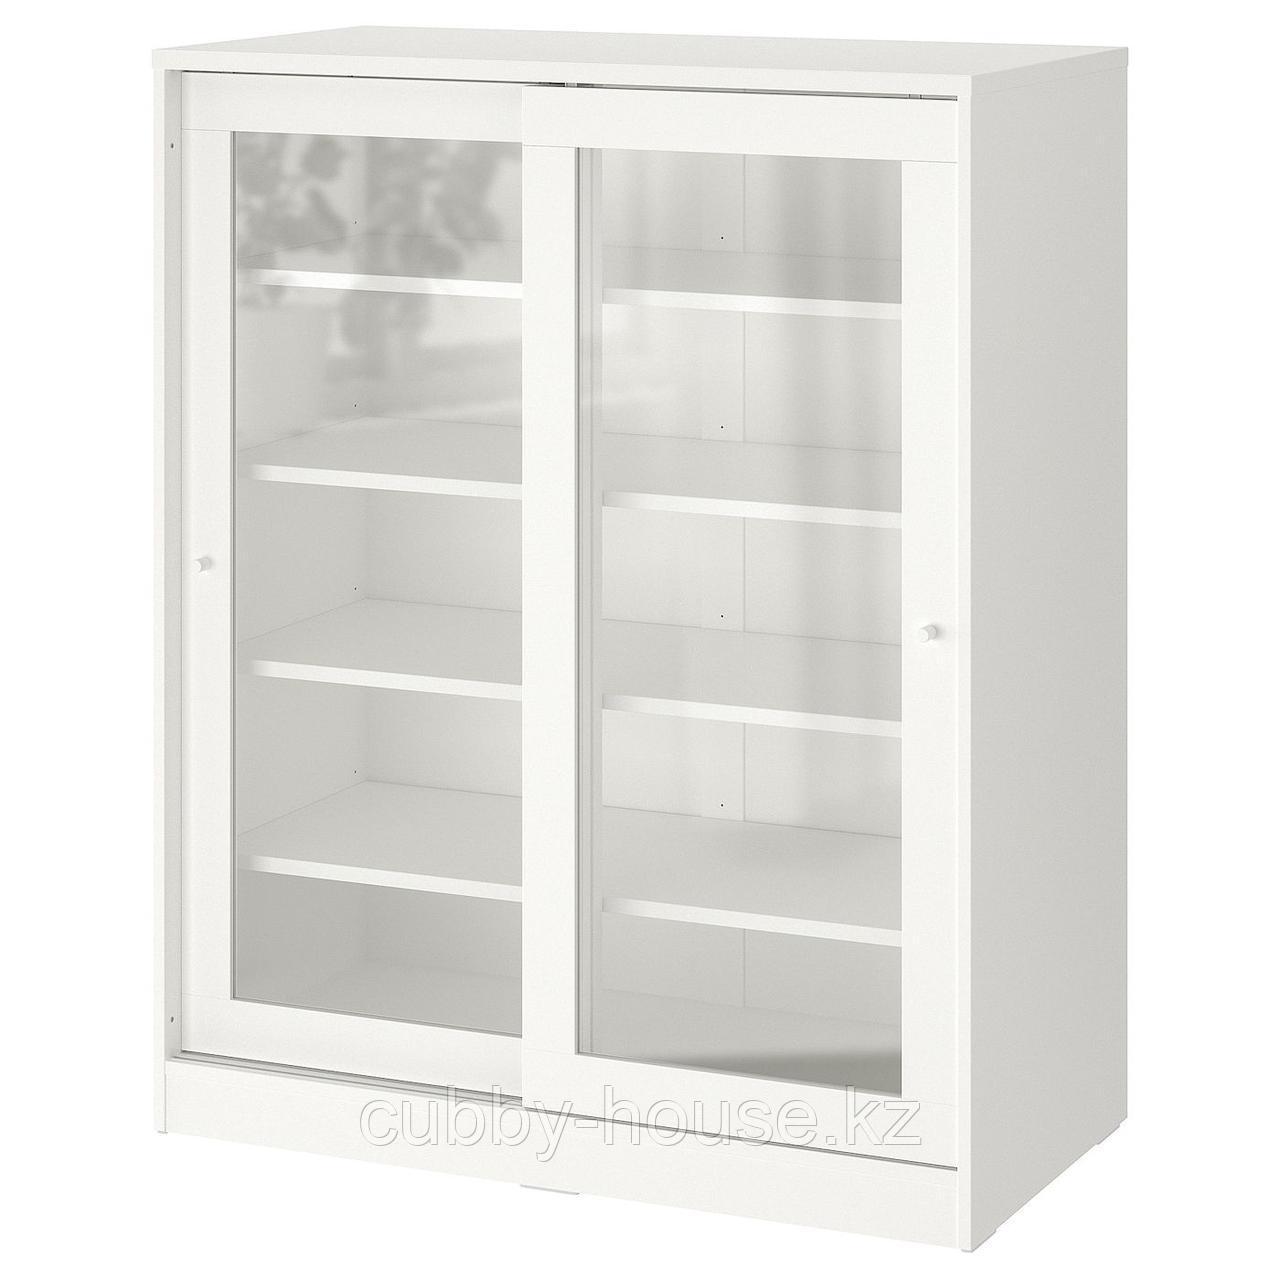 СЮВДЕ Шкаф со стеклянными дверцами, белый, 100x123 см